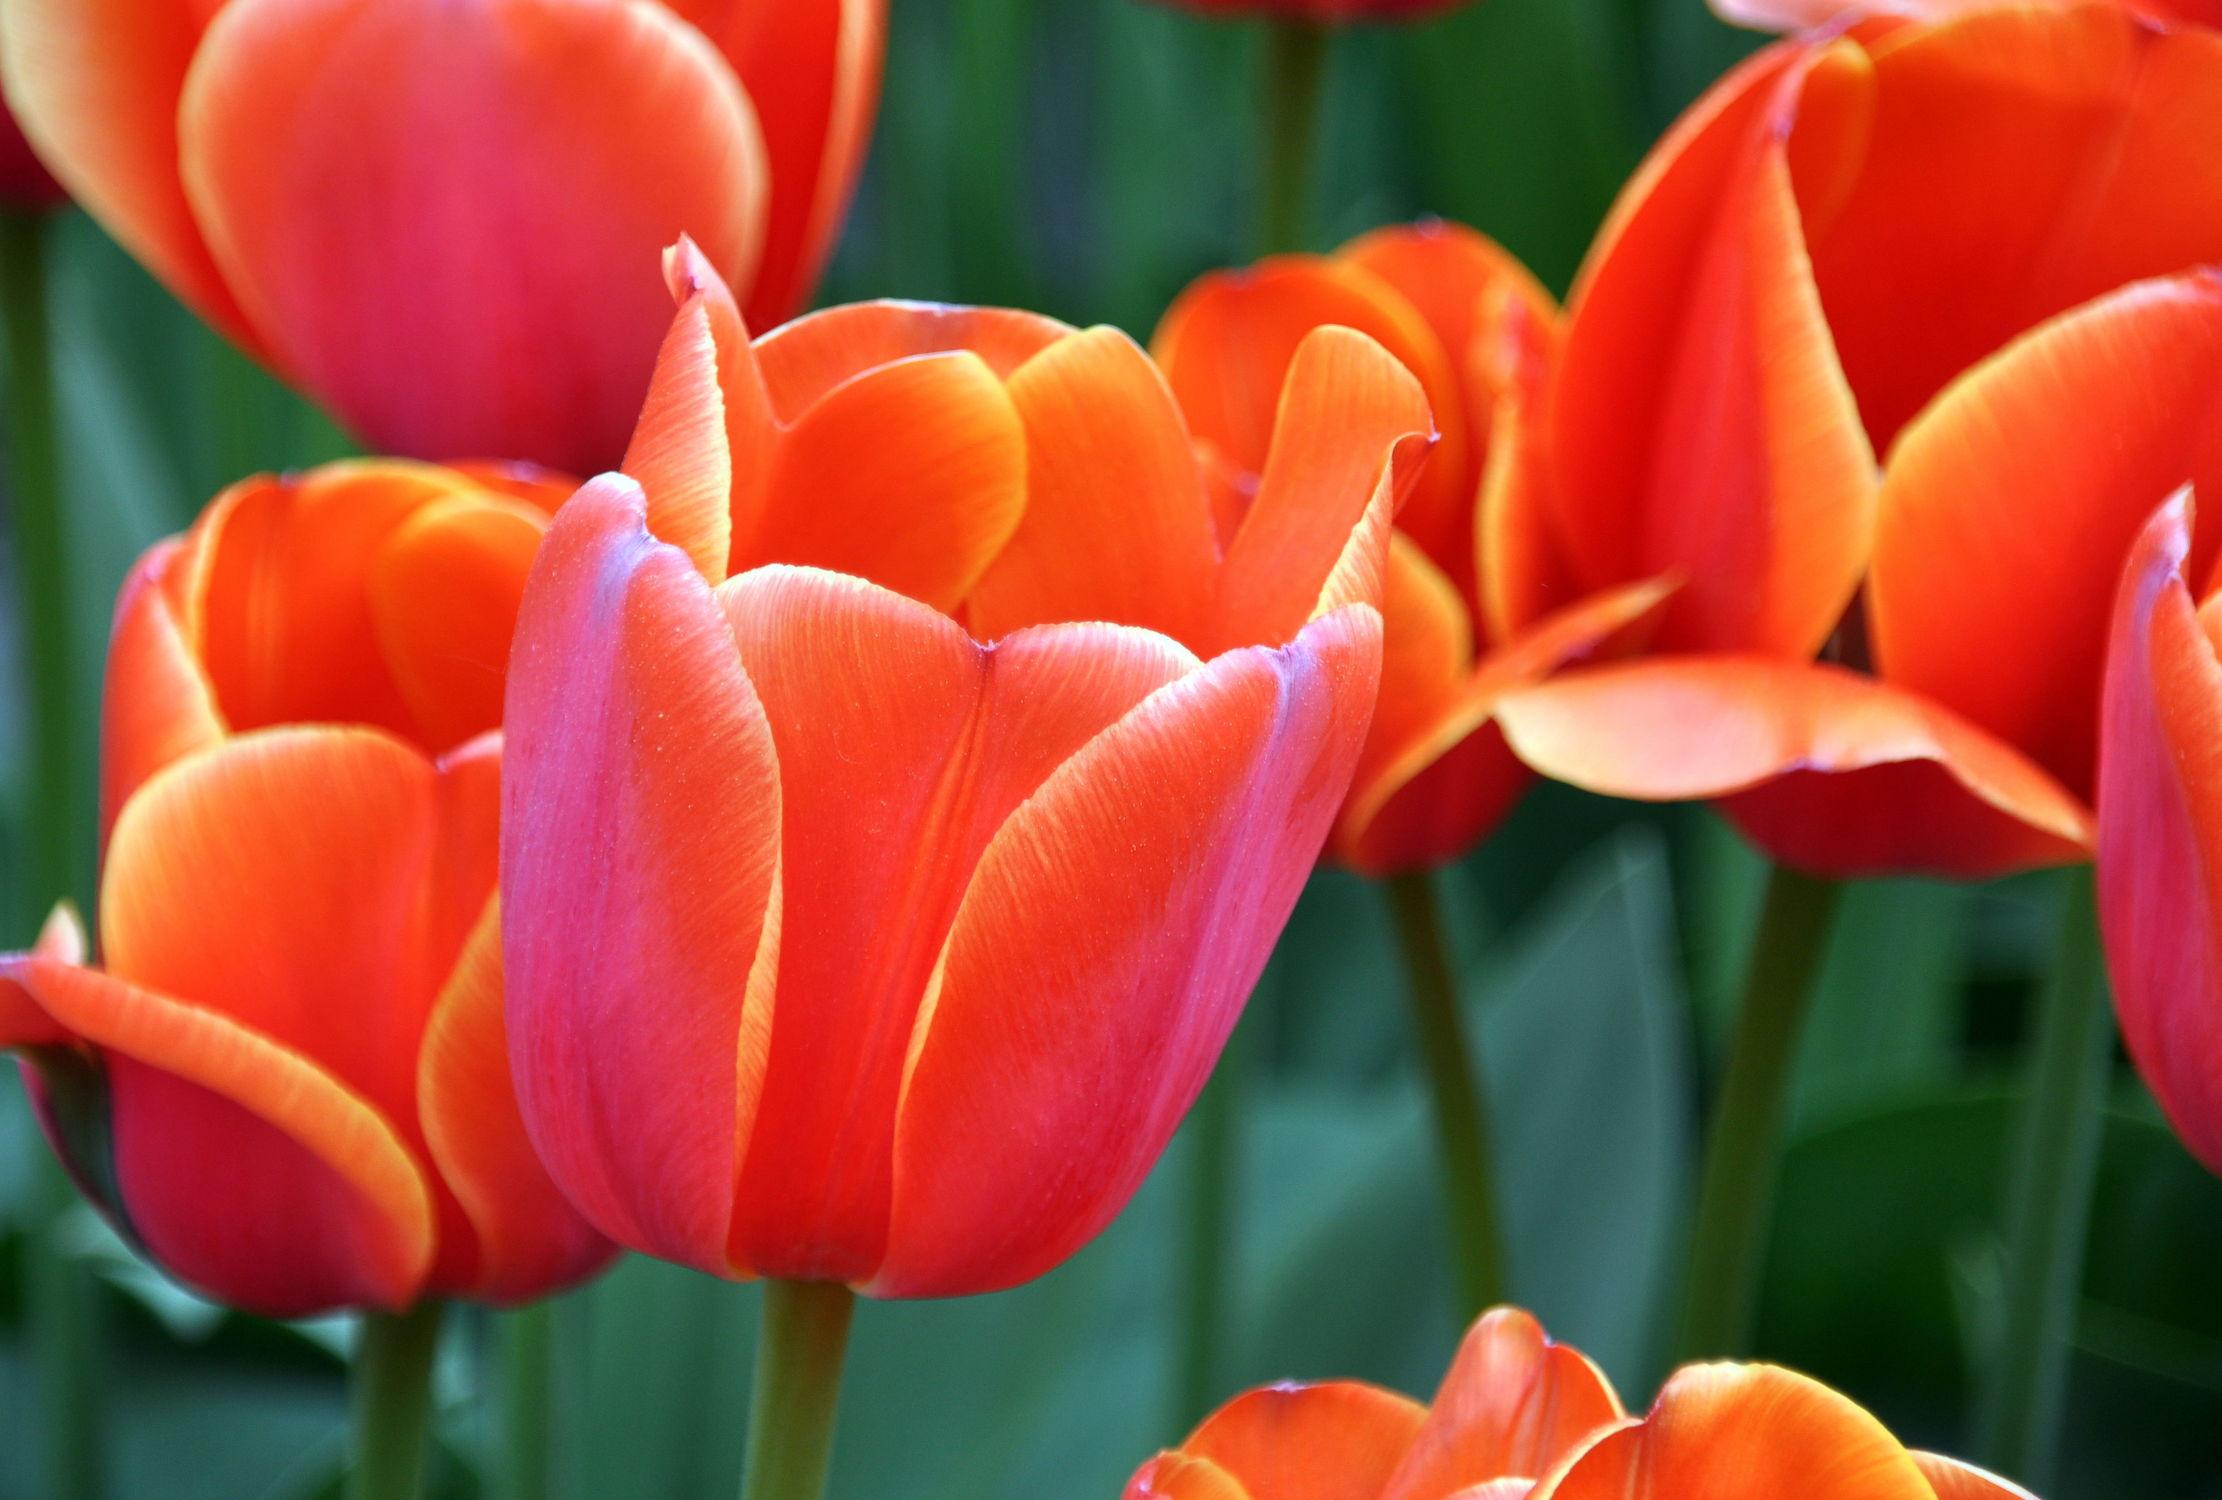 Bild mit Orange, Frühling, Rot, Tulpe, Tulips, Tulpen, Tulip, orangerot, intensiv, farbenfroh, leuchtend, tulpenpracht, tulpenbeet, frühblüher, frühjahr